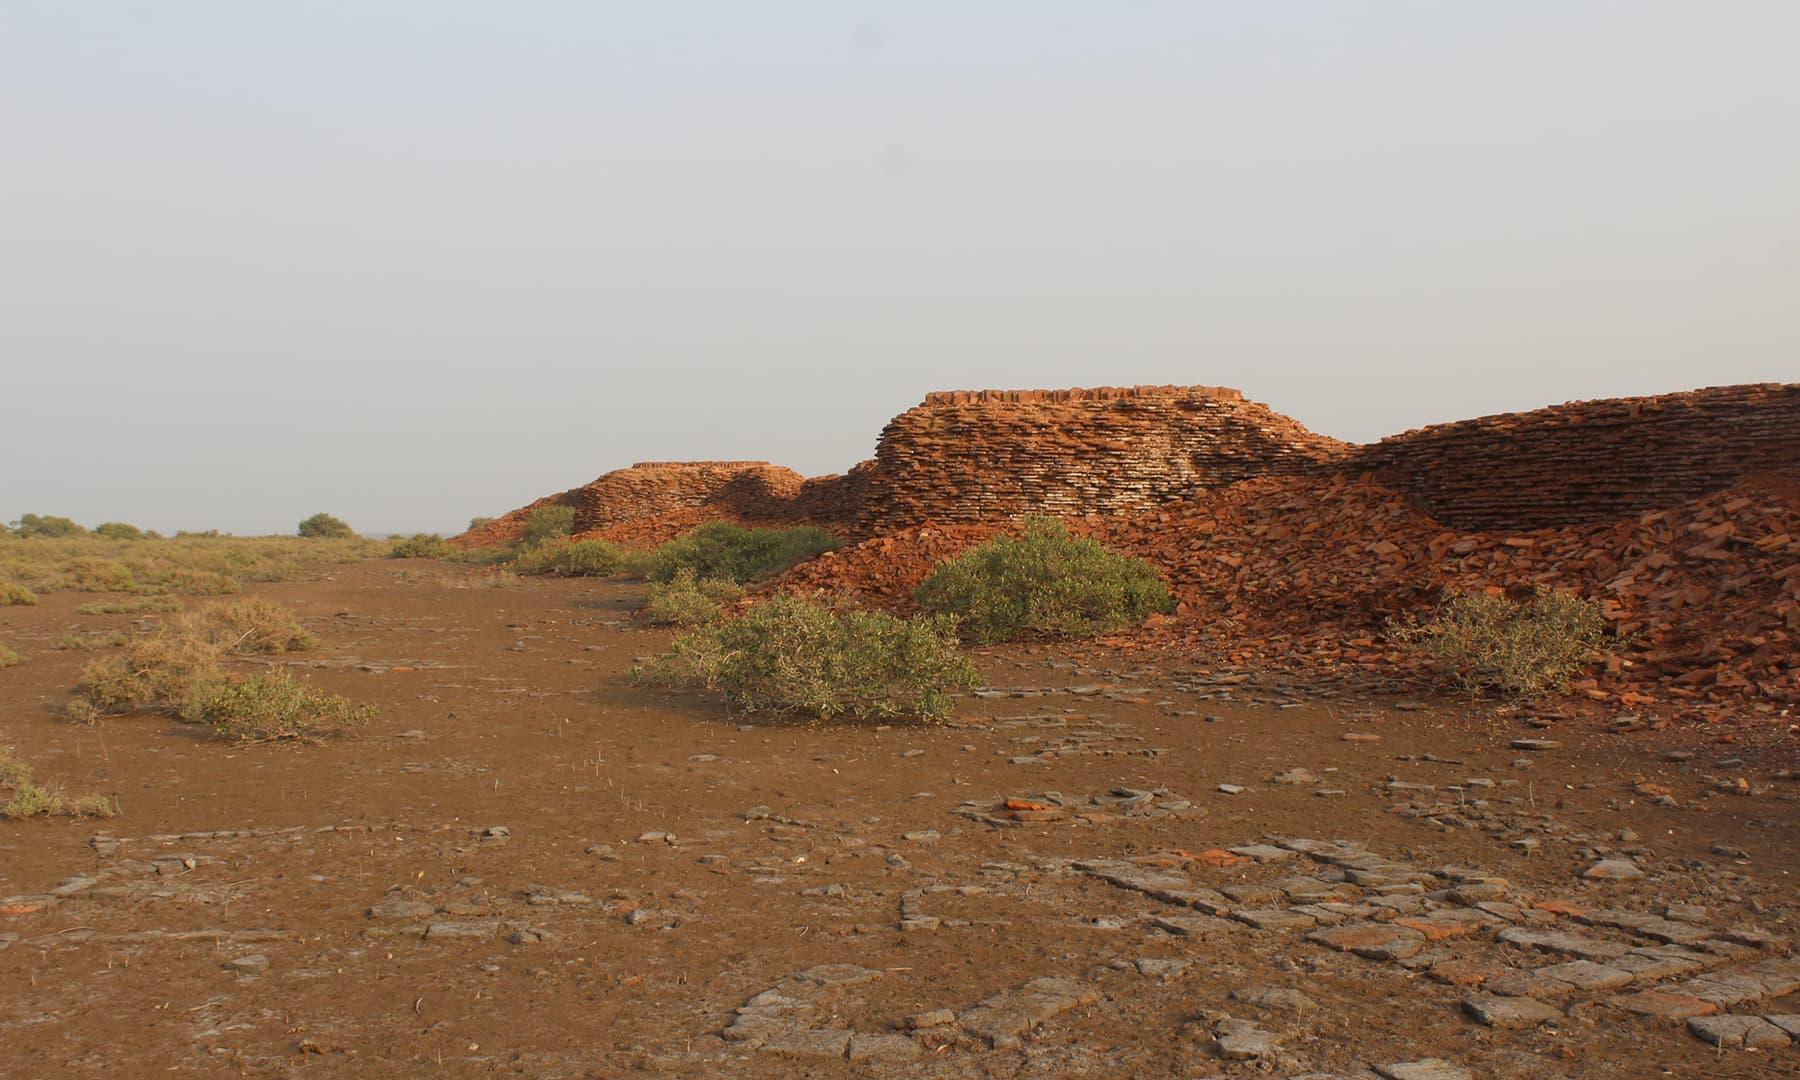 قلعے کی دیوار اور آبادی کے آثار—تصویر ابوبکر شیخ